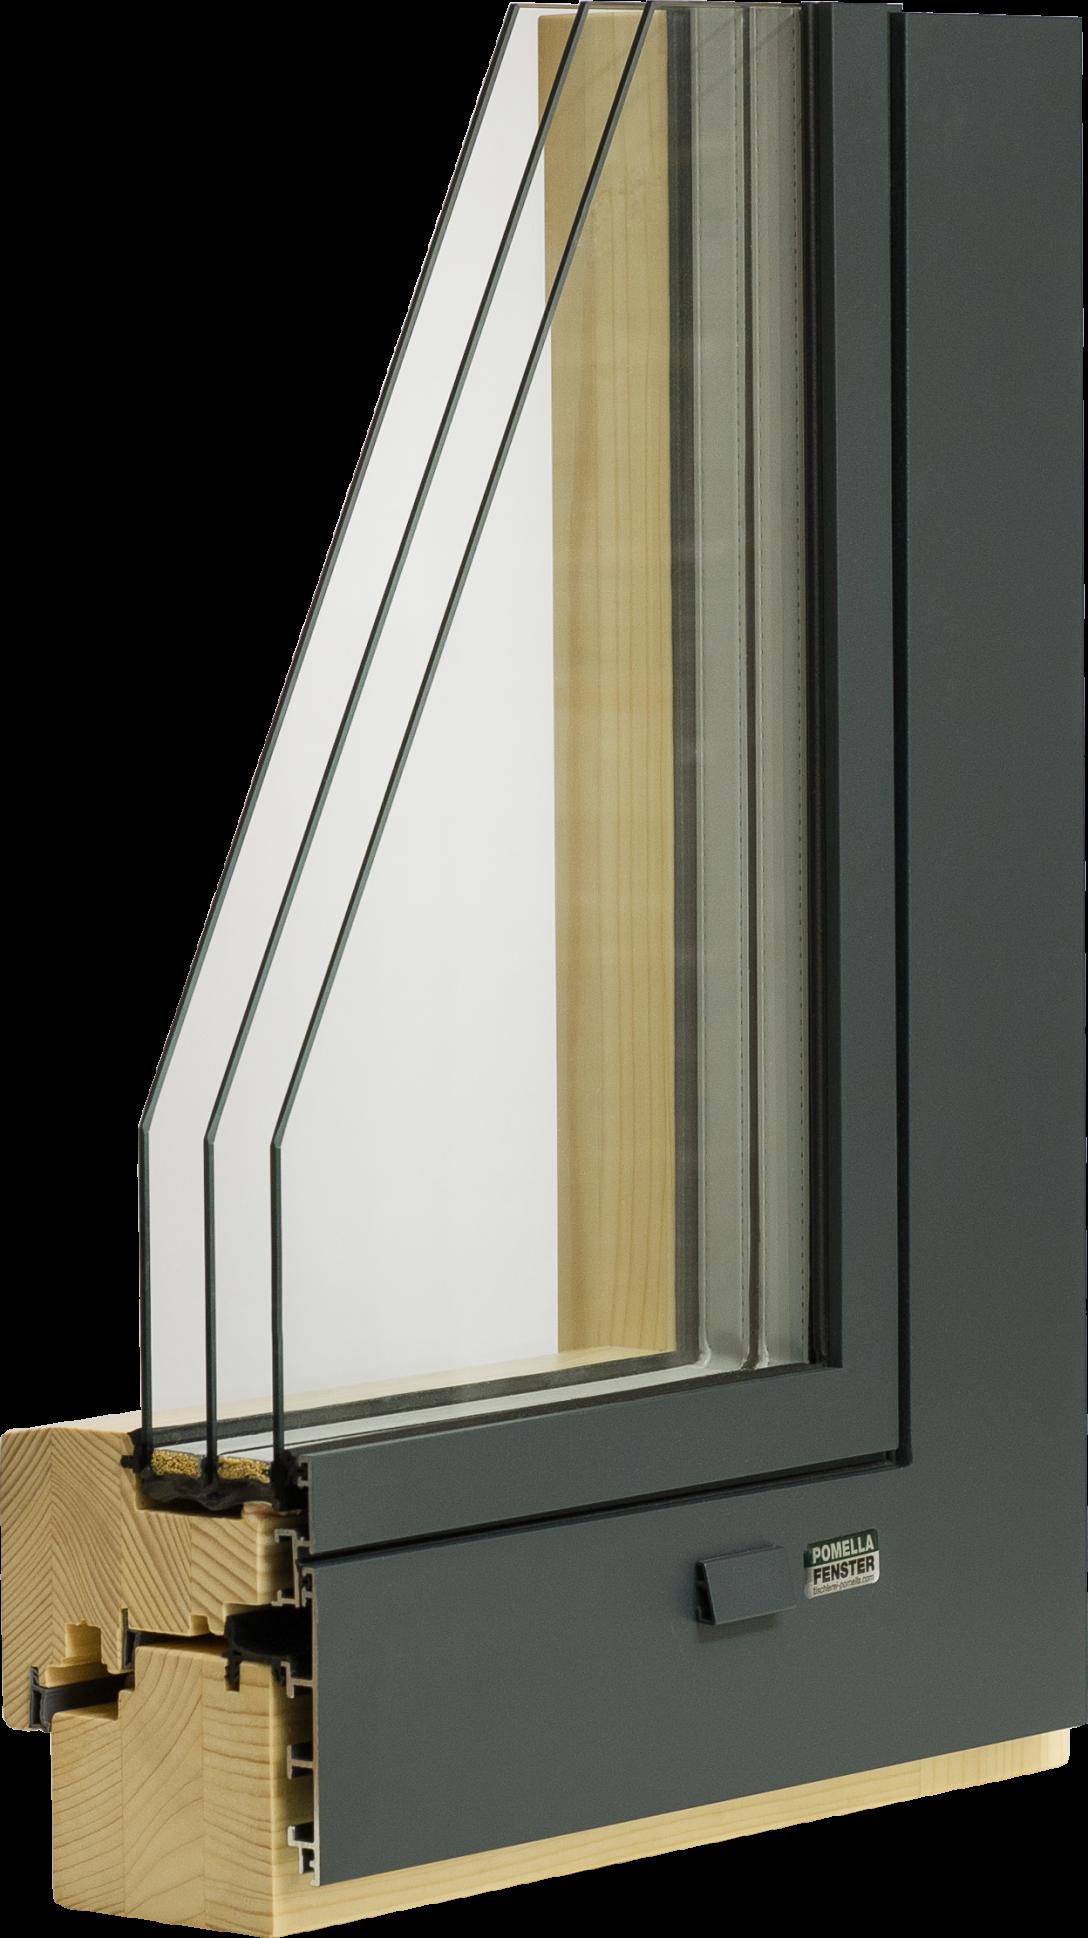 Large Size of Holz Alu Fenster Mit 3 Fach Verglasung Auen Flchenbndig Fliesen Holzoptik Bad Anthrazit Rollo Flachdach Sonnenschutzfolie Schräge Abdunkeln Rehau Internorm Fenster Holz Alu Fenster